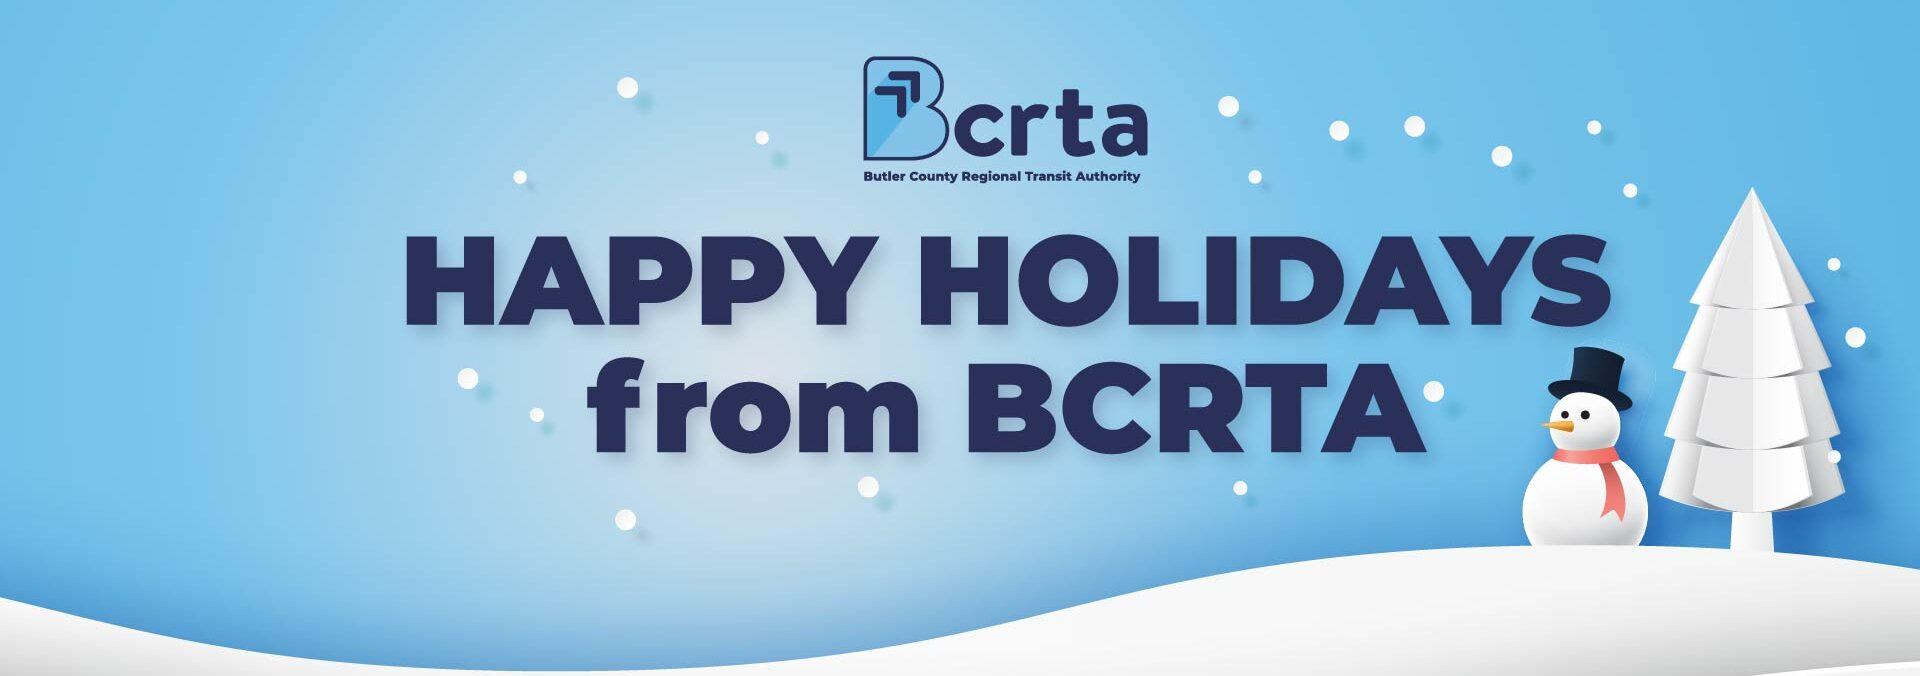 Happy Holidays from BCRTA